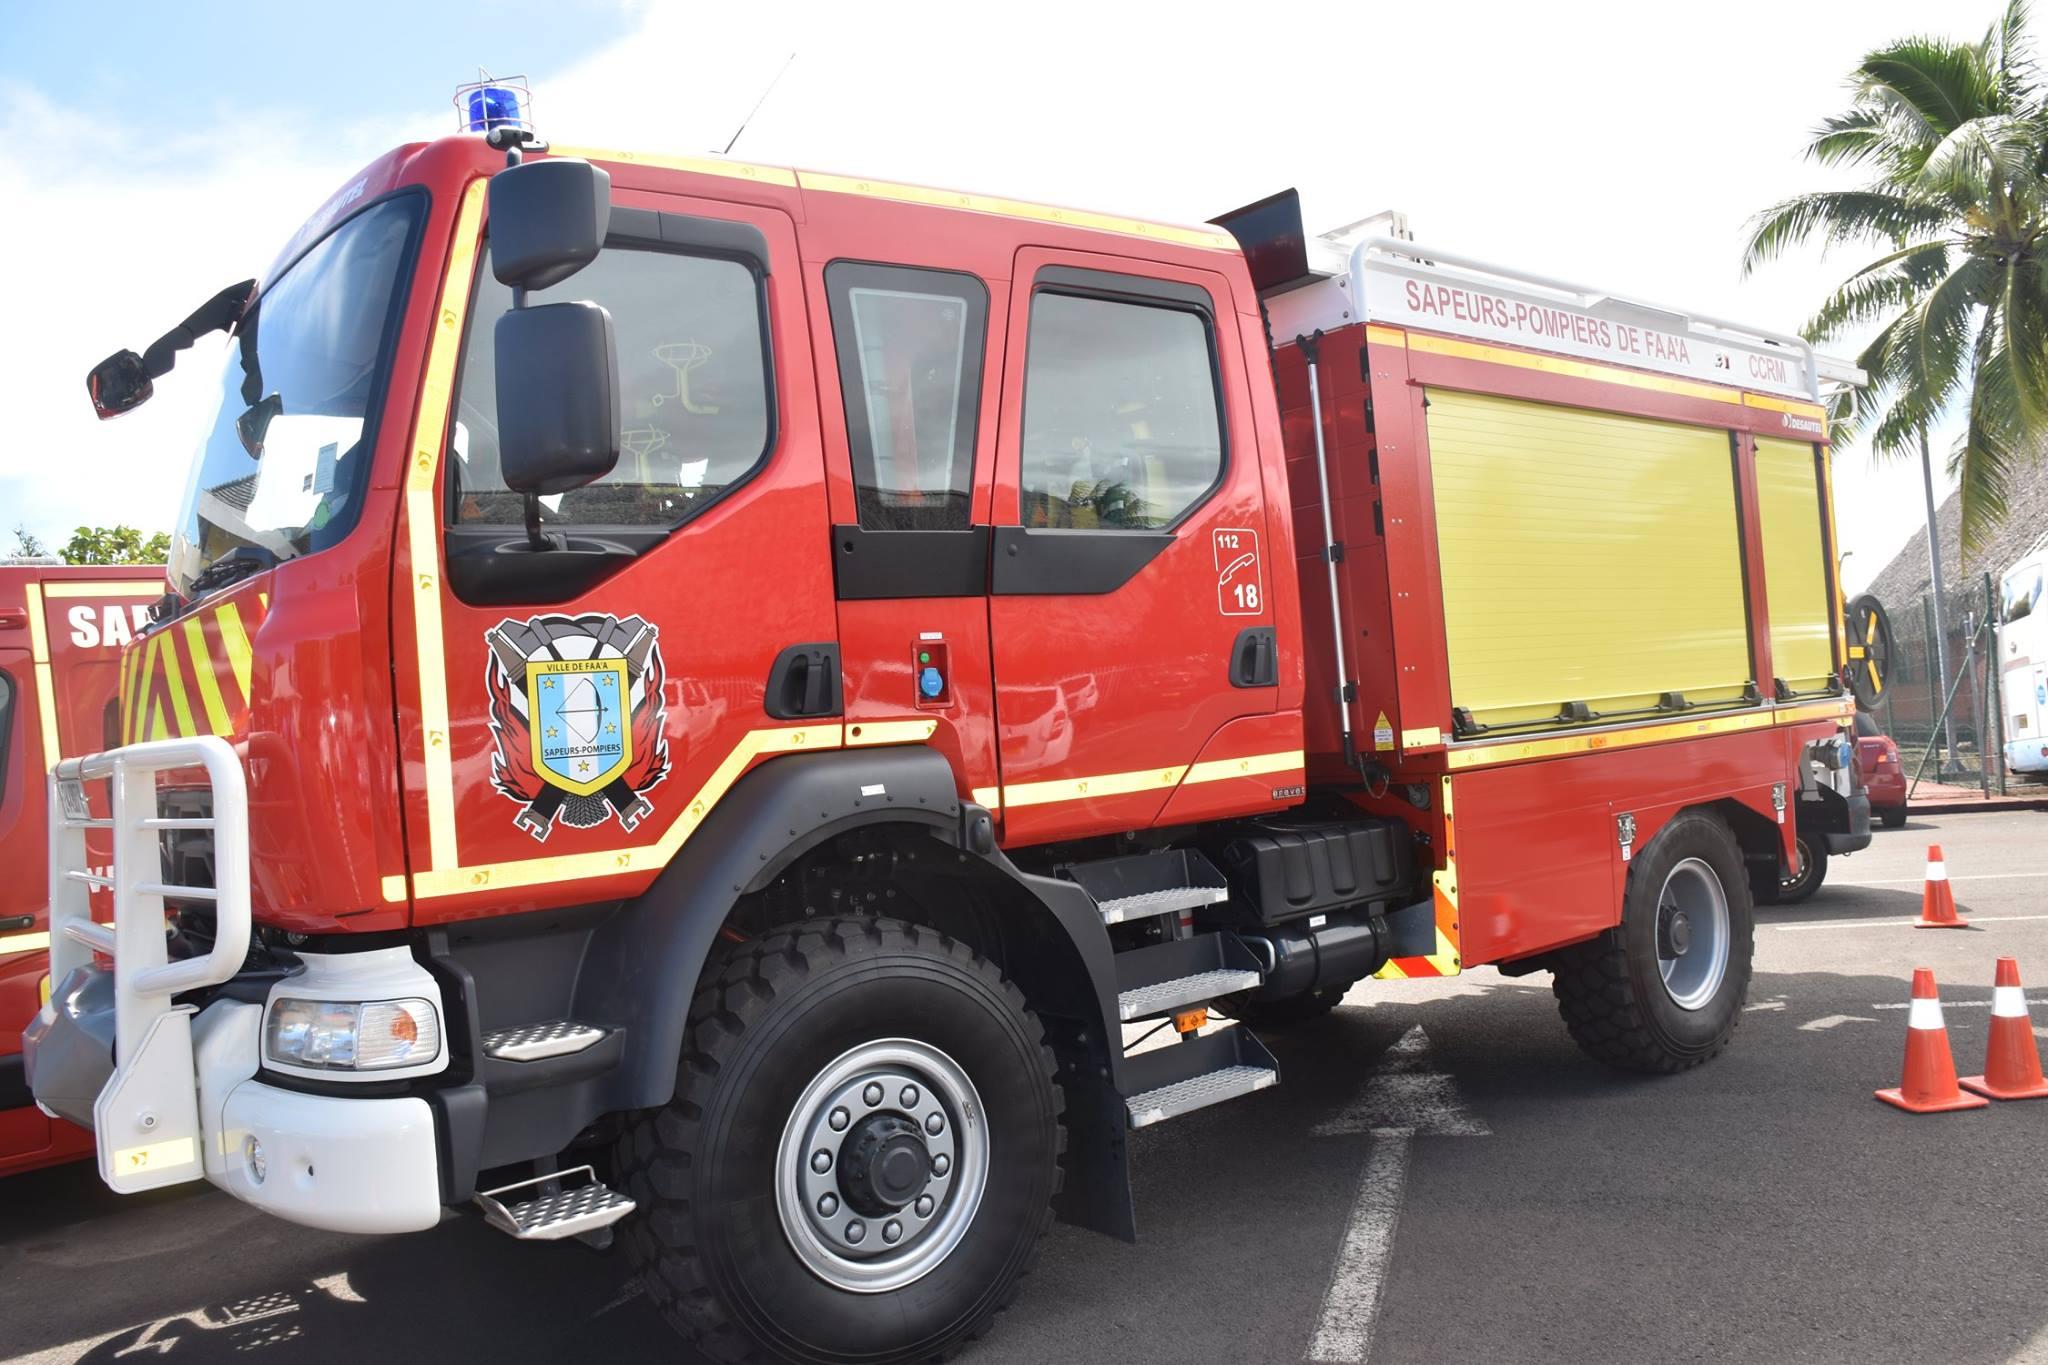 Le centre s'est doté dernièrement d'un fourgon qui leur permettra de renforcer leurs interventions sur les incendies.